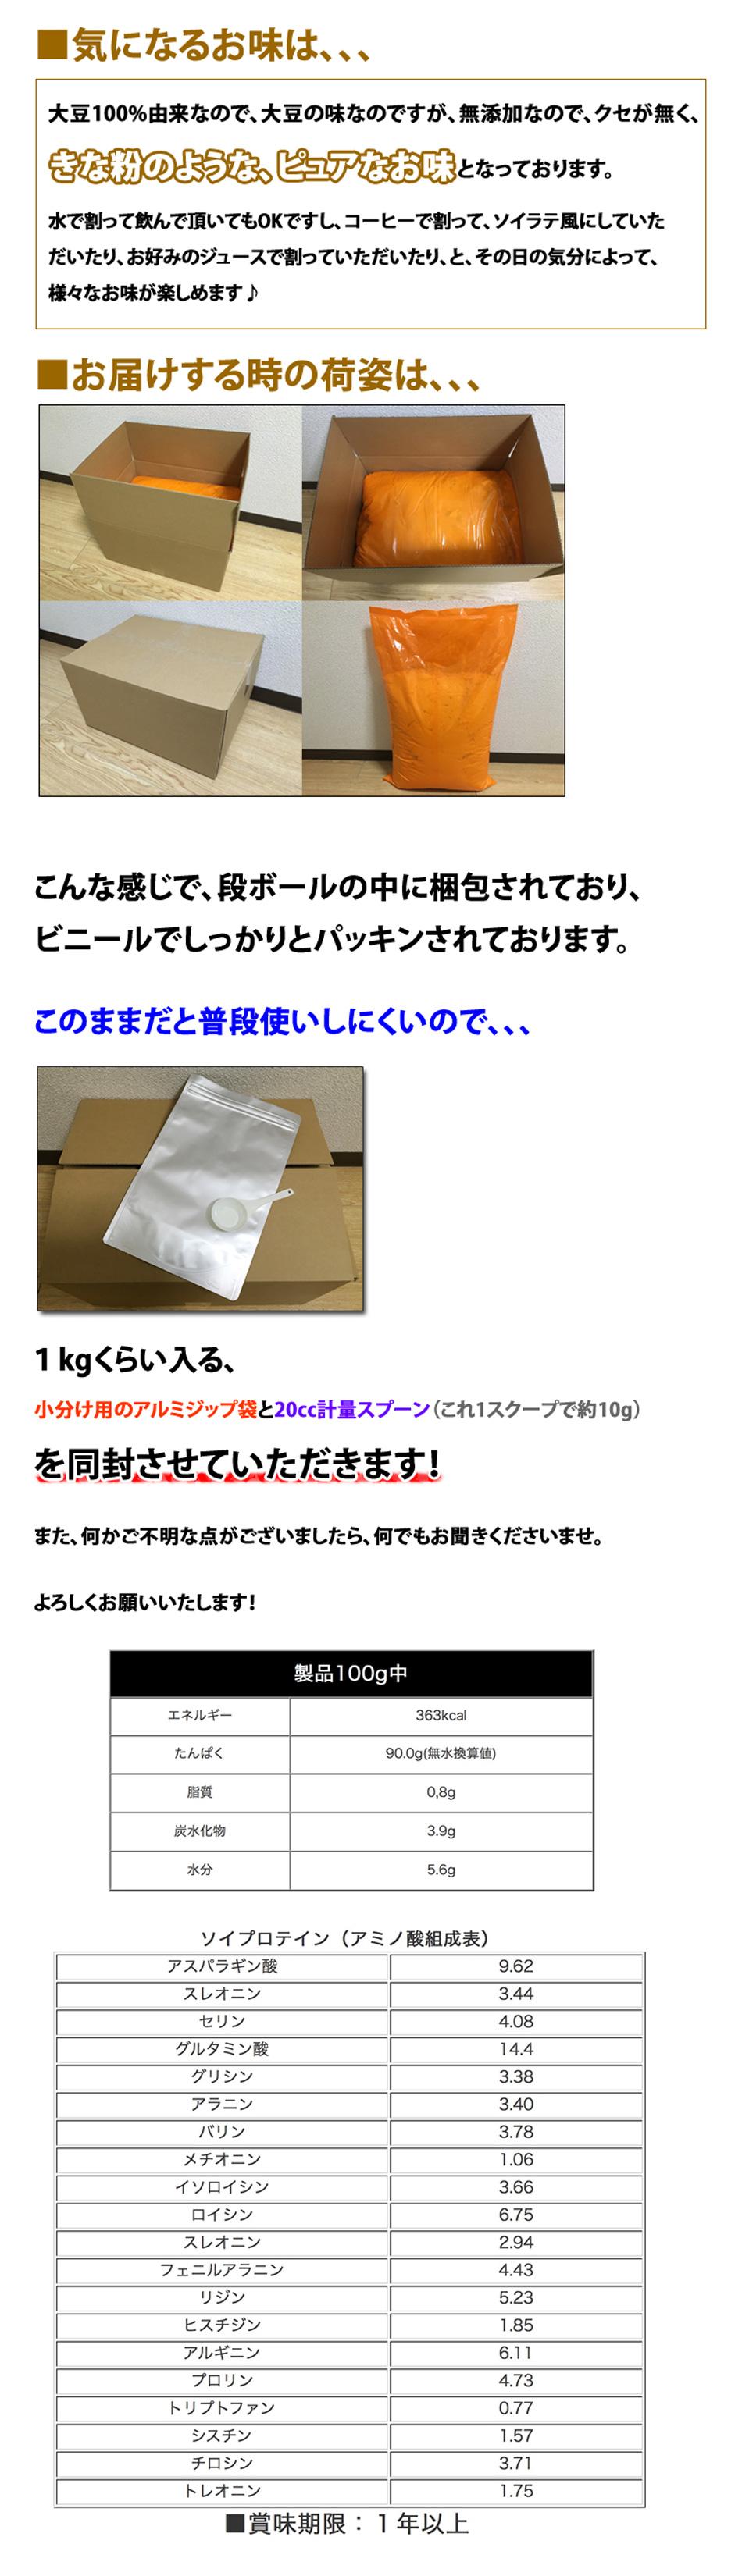 ピュア・ソイプロテイン10kg_5